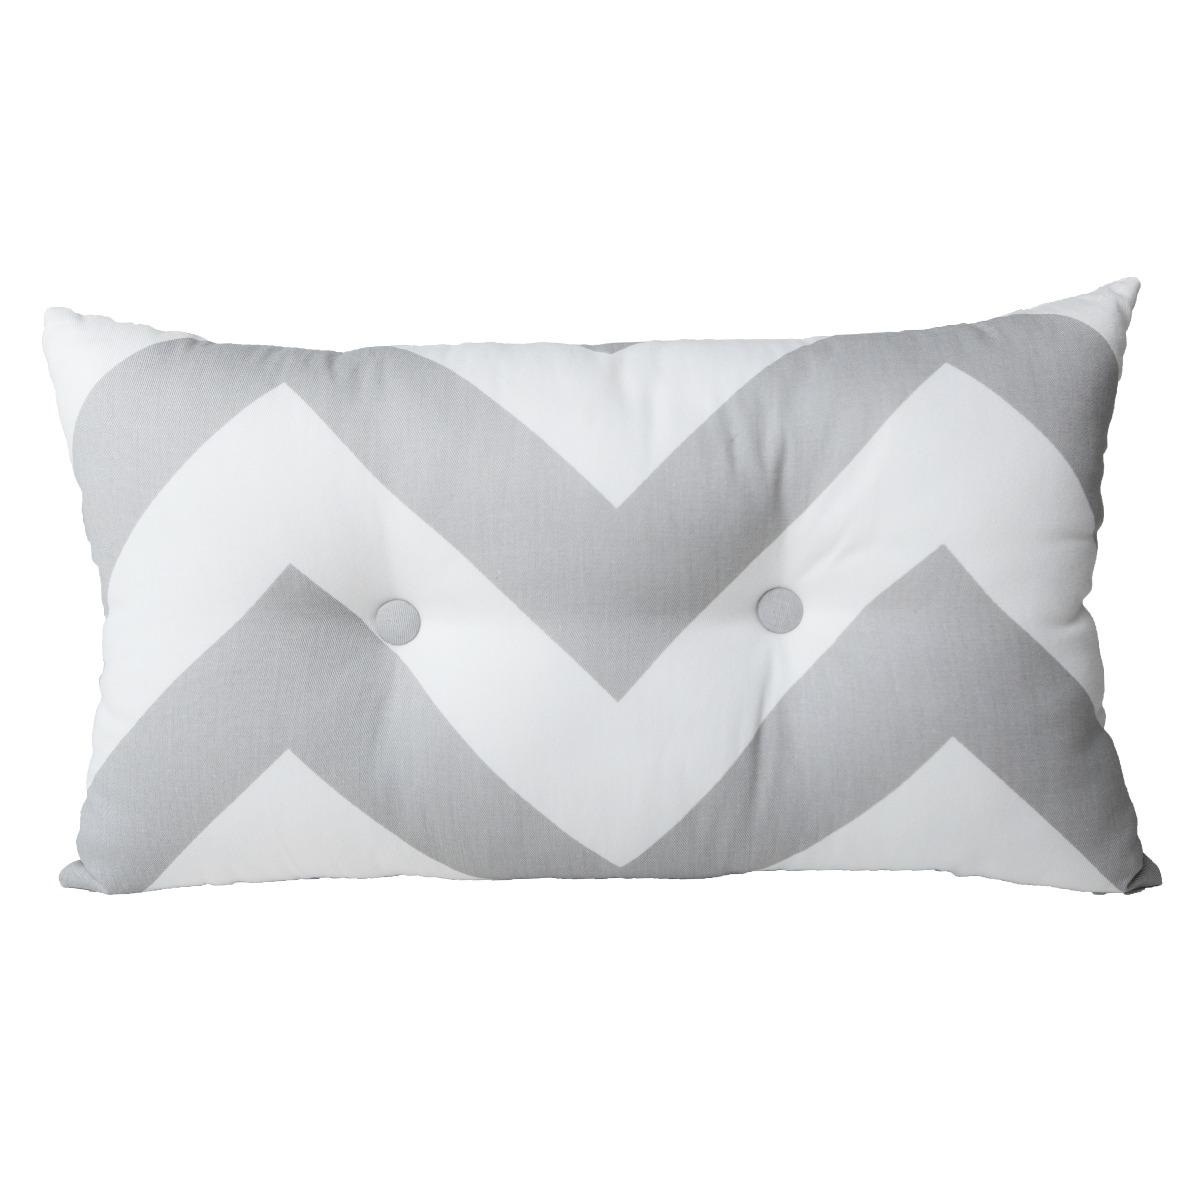 Cojin Decorativo Zig Zag Decoracion Blanco Gris 30 X 50 398 00  # Beestudio Muebles